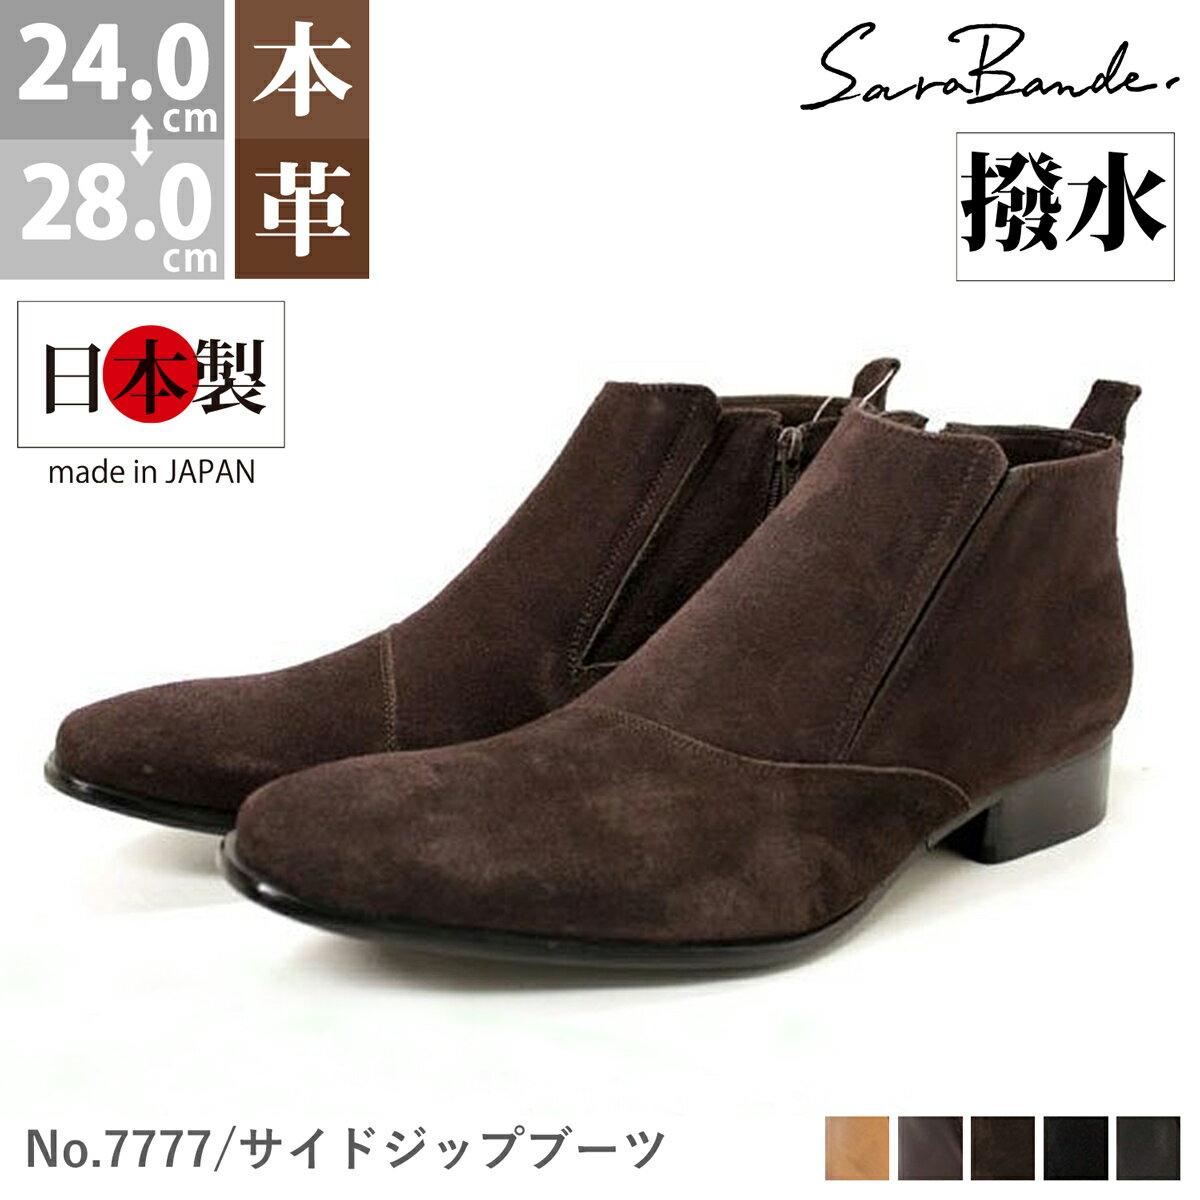 [送料無料]ショートブーツ[SARABANDE サラバンド]日本製本革サイドジップ ビジネス ブーツ No.7777[5色展開]スリッポン ロングノーズ プレーントゥ メンズ 紳士靴 革靴 カジュアル ドレス 国産 レザー シューズ ブーツ